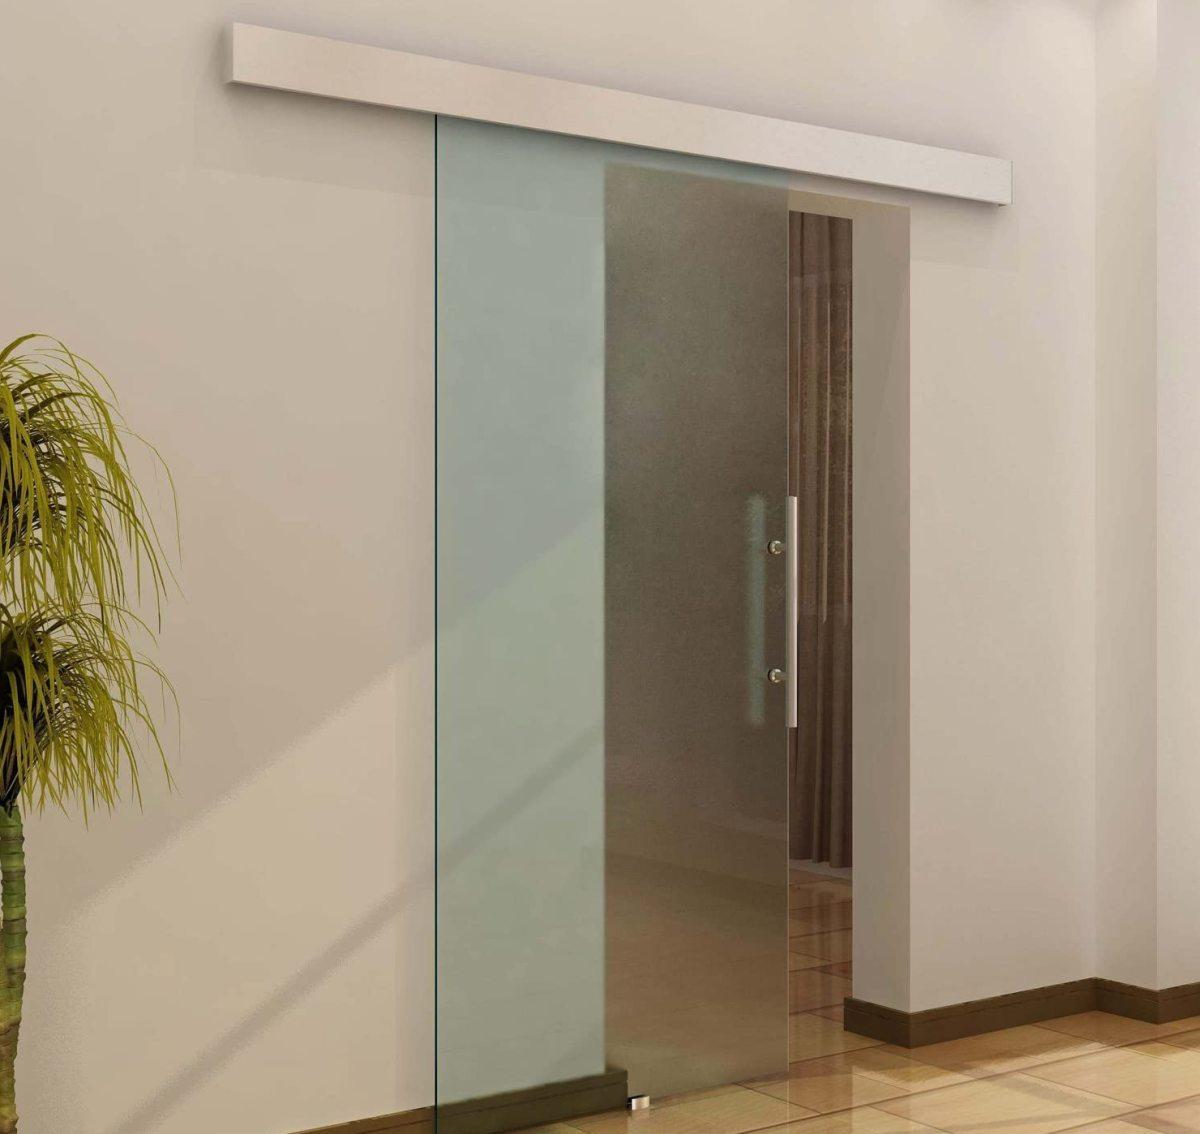 porta-scorrevole-vetro-amazon-prezzo-low-cost-economico-homcom